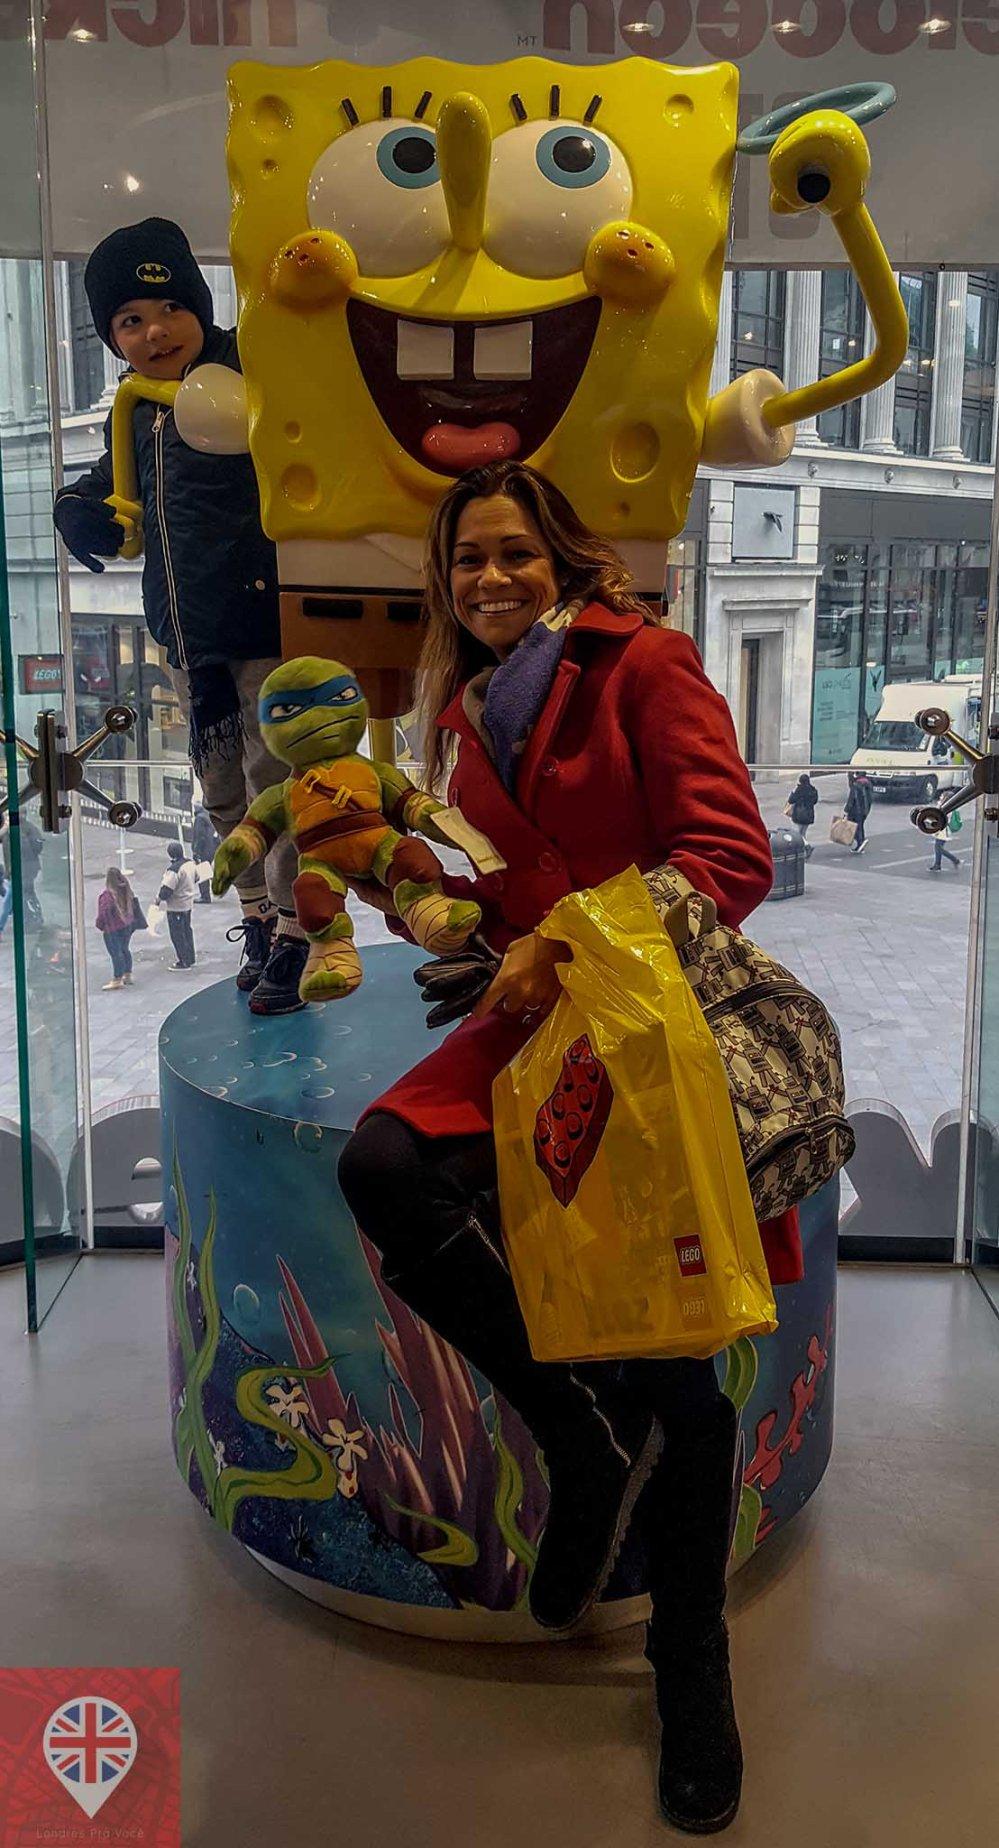 Nickelodeon store sponge bob